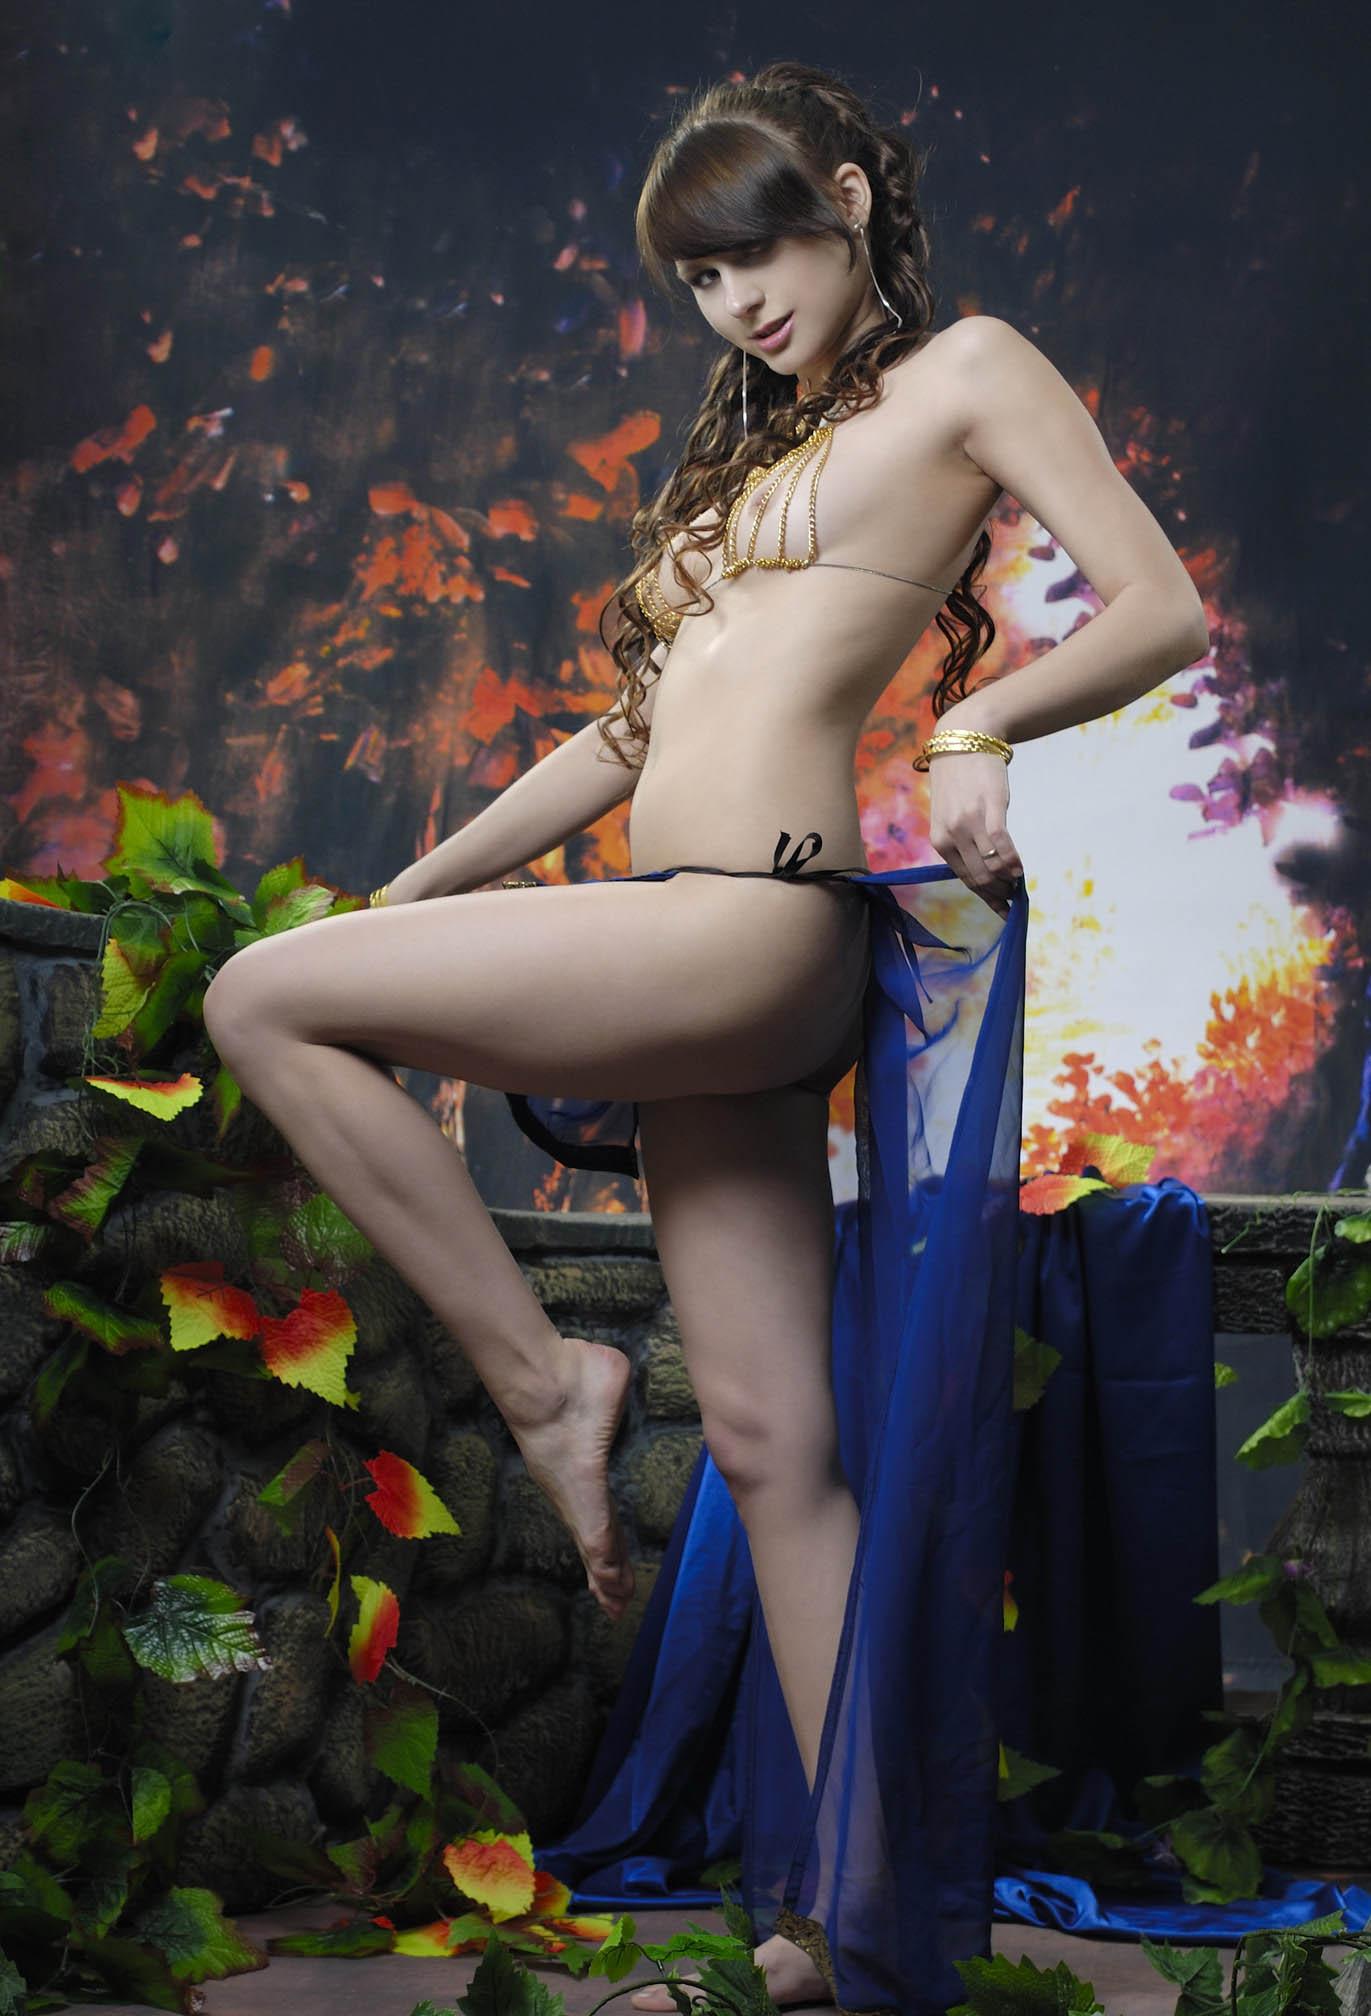 【海外美女画像】マジ妖精wwwロシアンビューティーのエロ画像 04